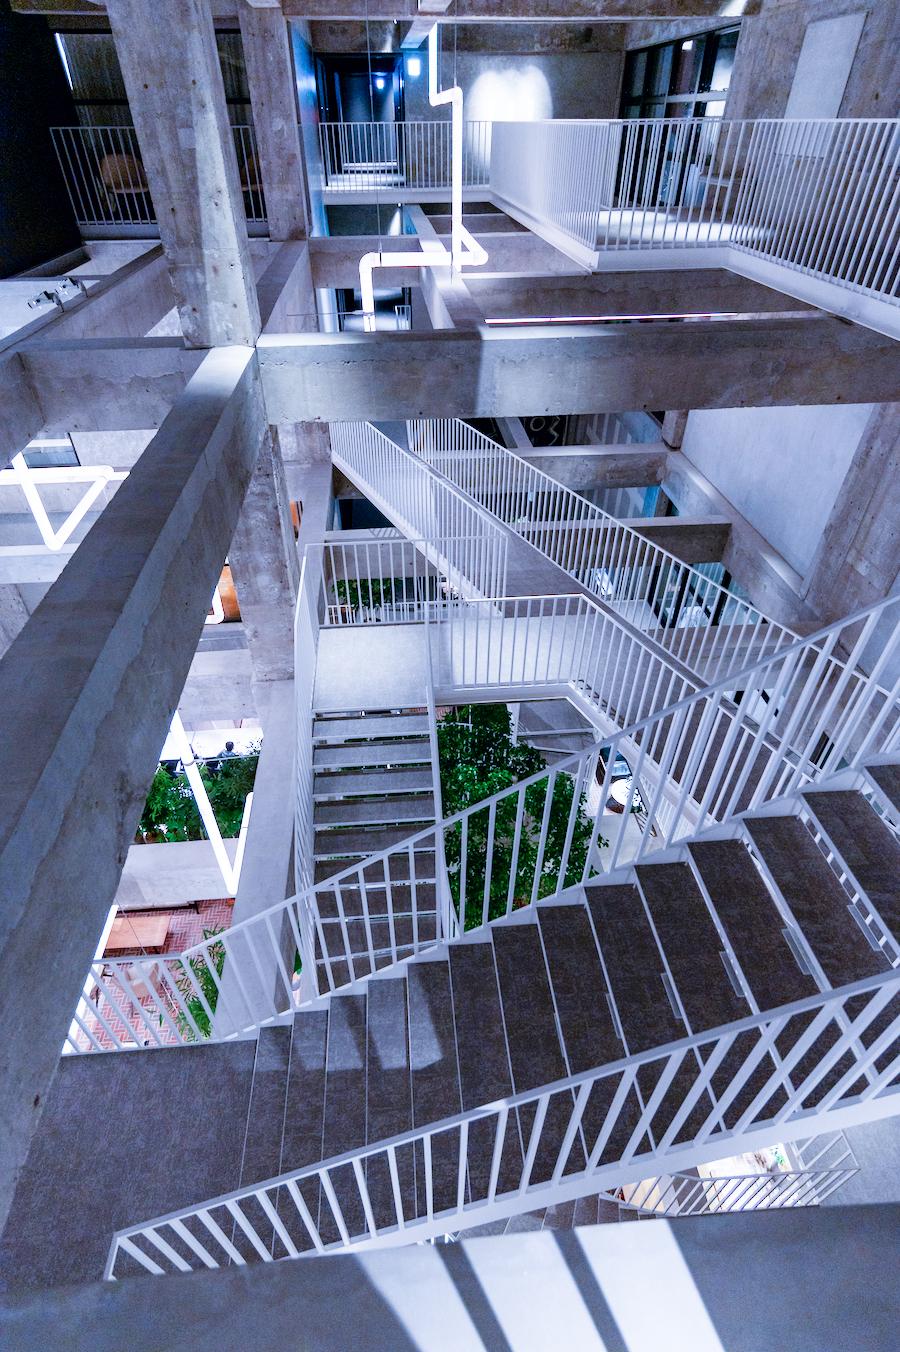 大胆な吹き抜け空間には 階段や通路が複雑に交差します photo by ぷらいまり